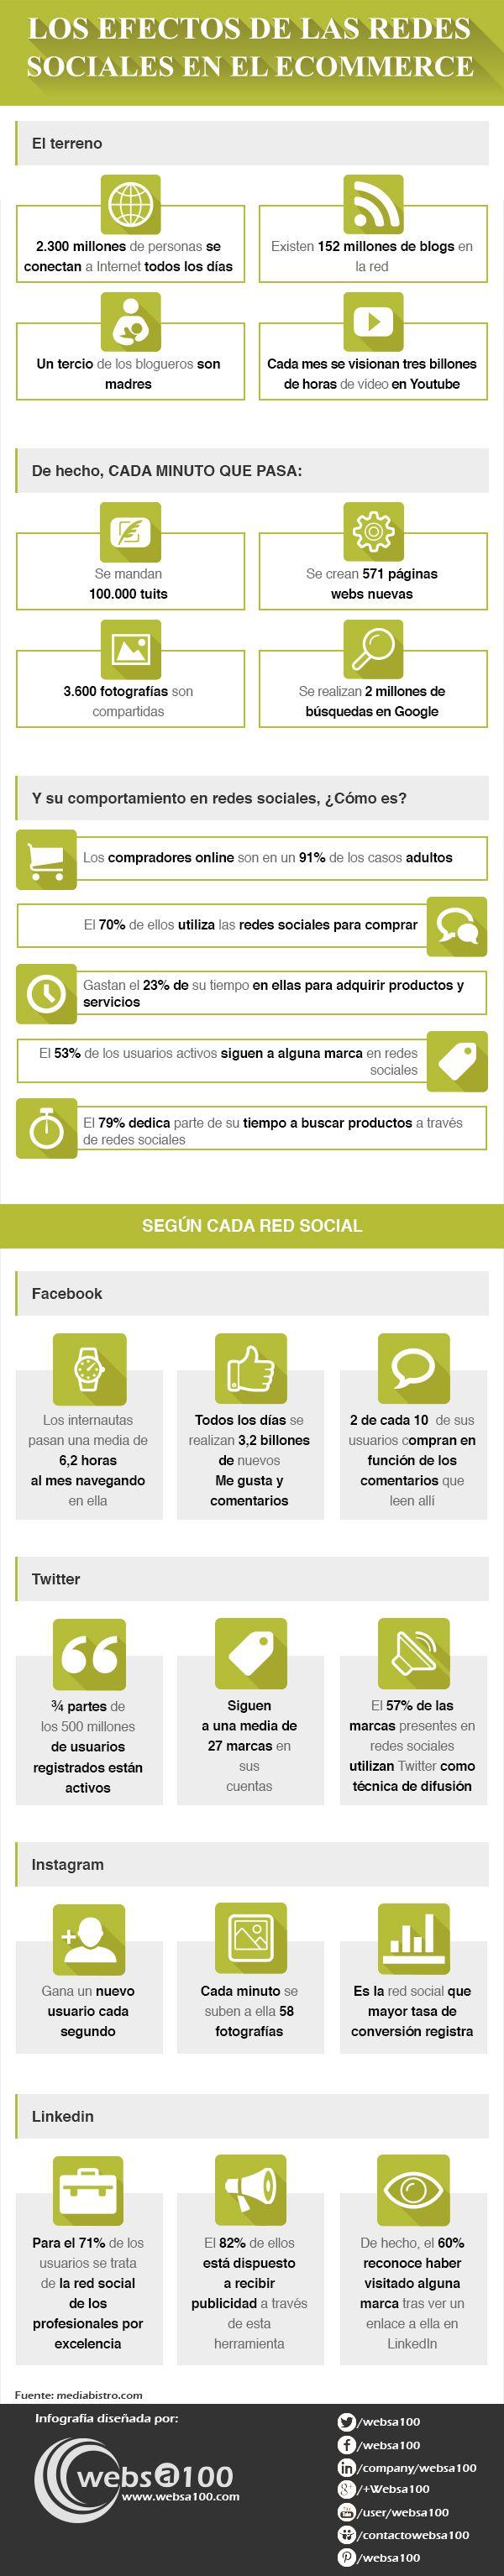 Efectos de las redes sociales en el comercio eletrónico [Websa100]